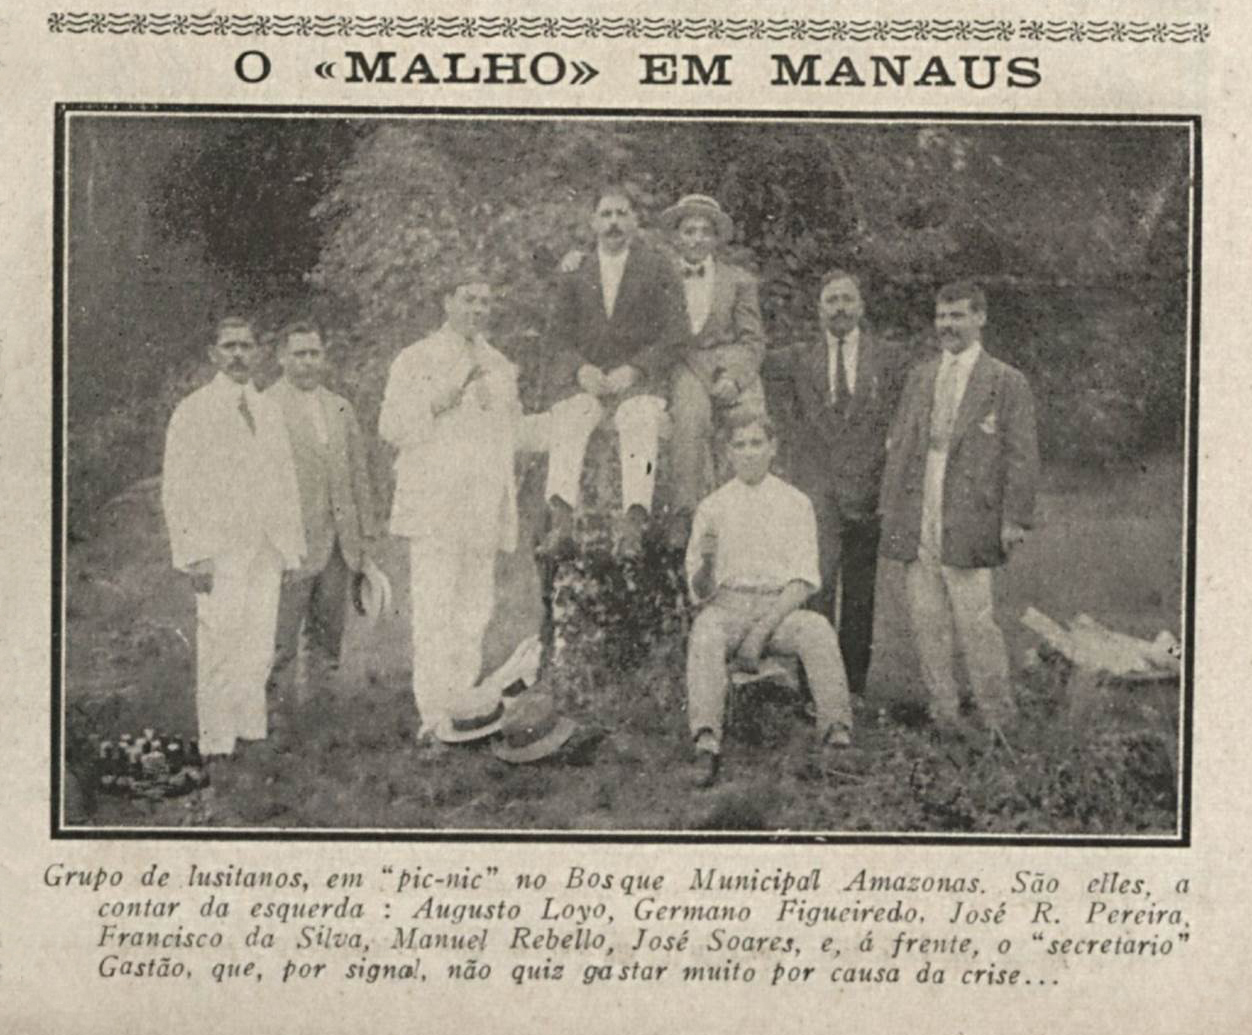 Lusitanos no Bosque Municipal Amazonas